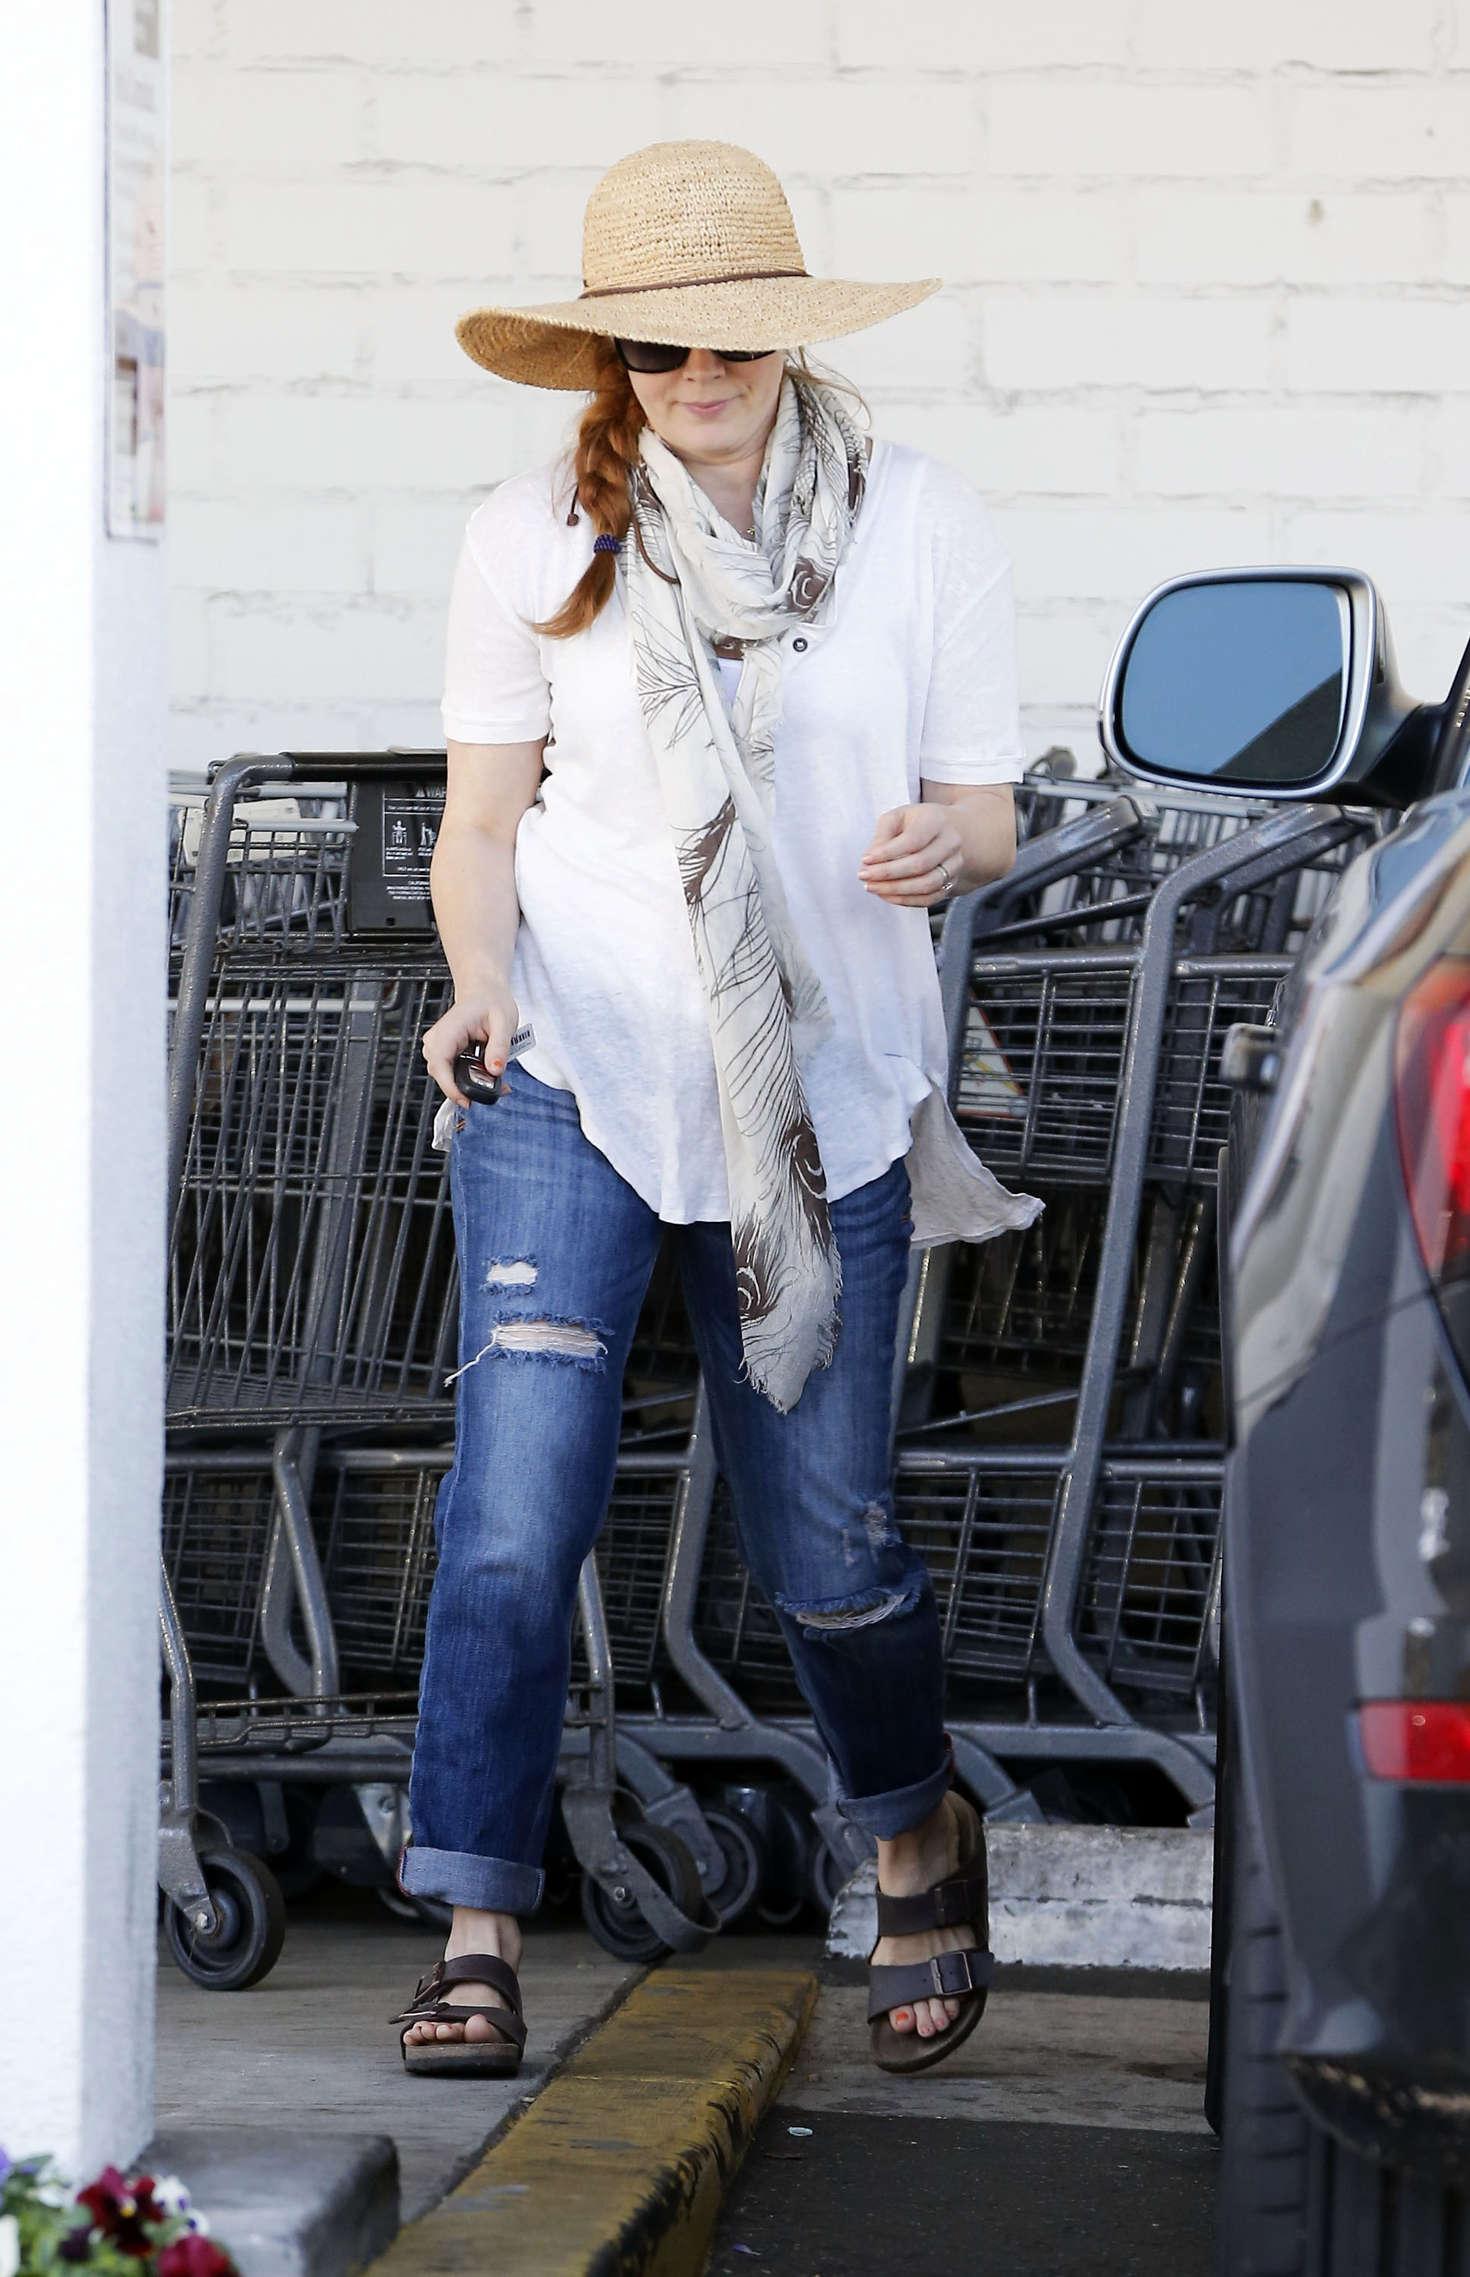 Amy Adams 2016 : Amy Adams in Jeans Shopping in LA -01